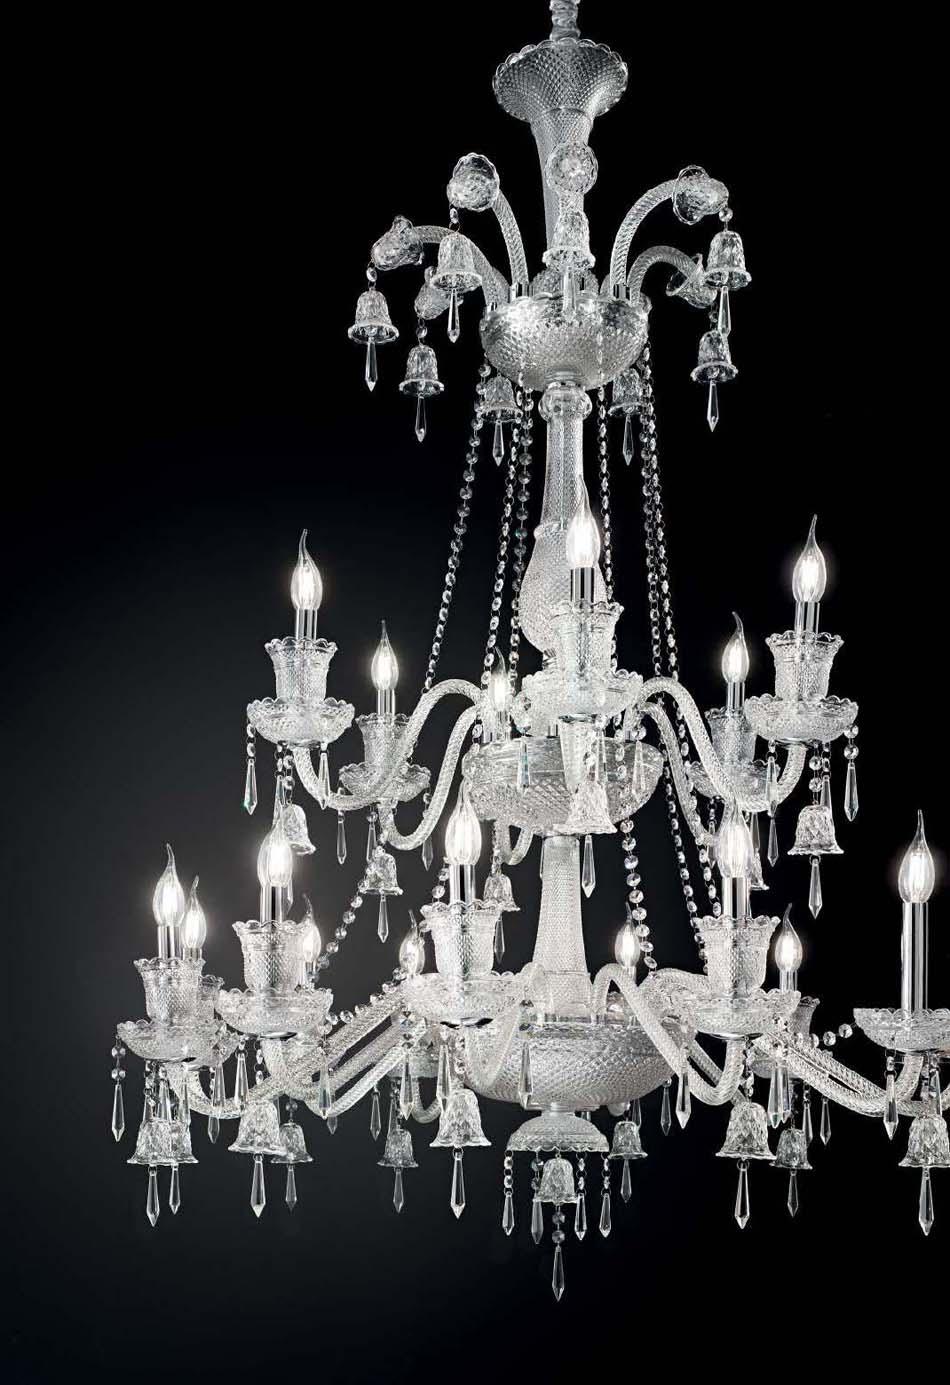 Lampade 36 sospensione Classico Ideal Lux redentore – Bruni Arredamenti